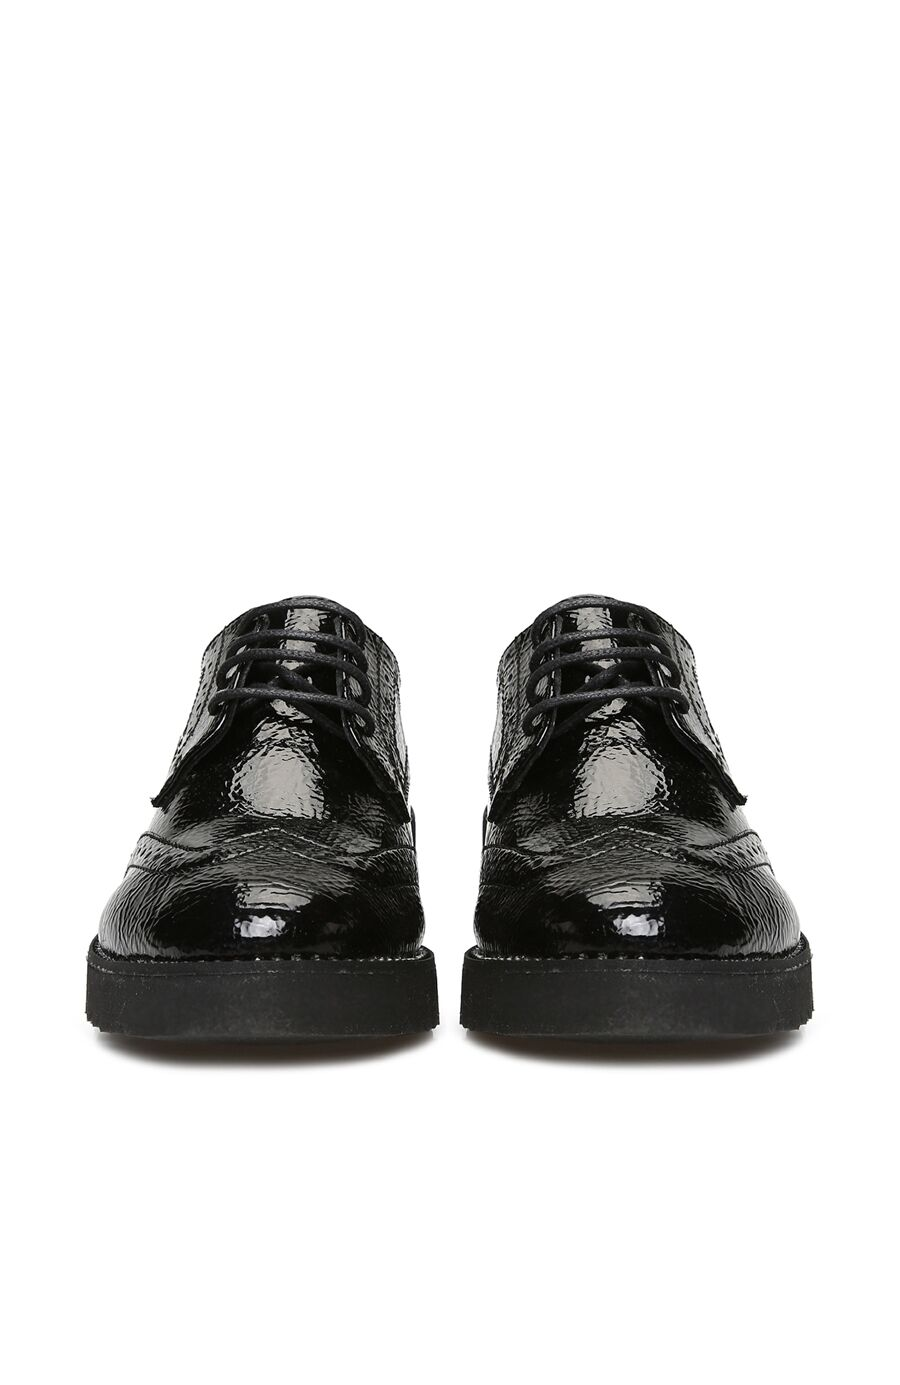 Siyah Parlak Dokulu Kadın Ayakkabı